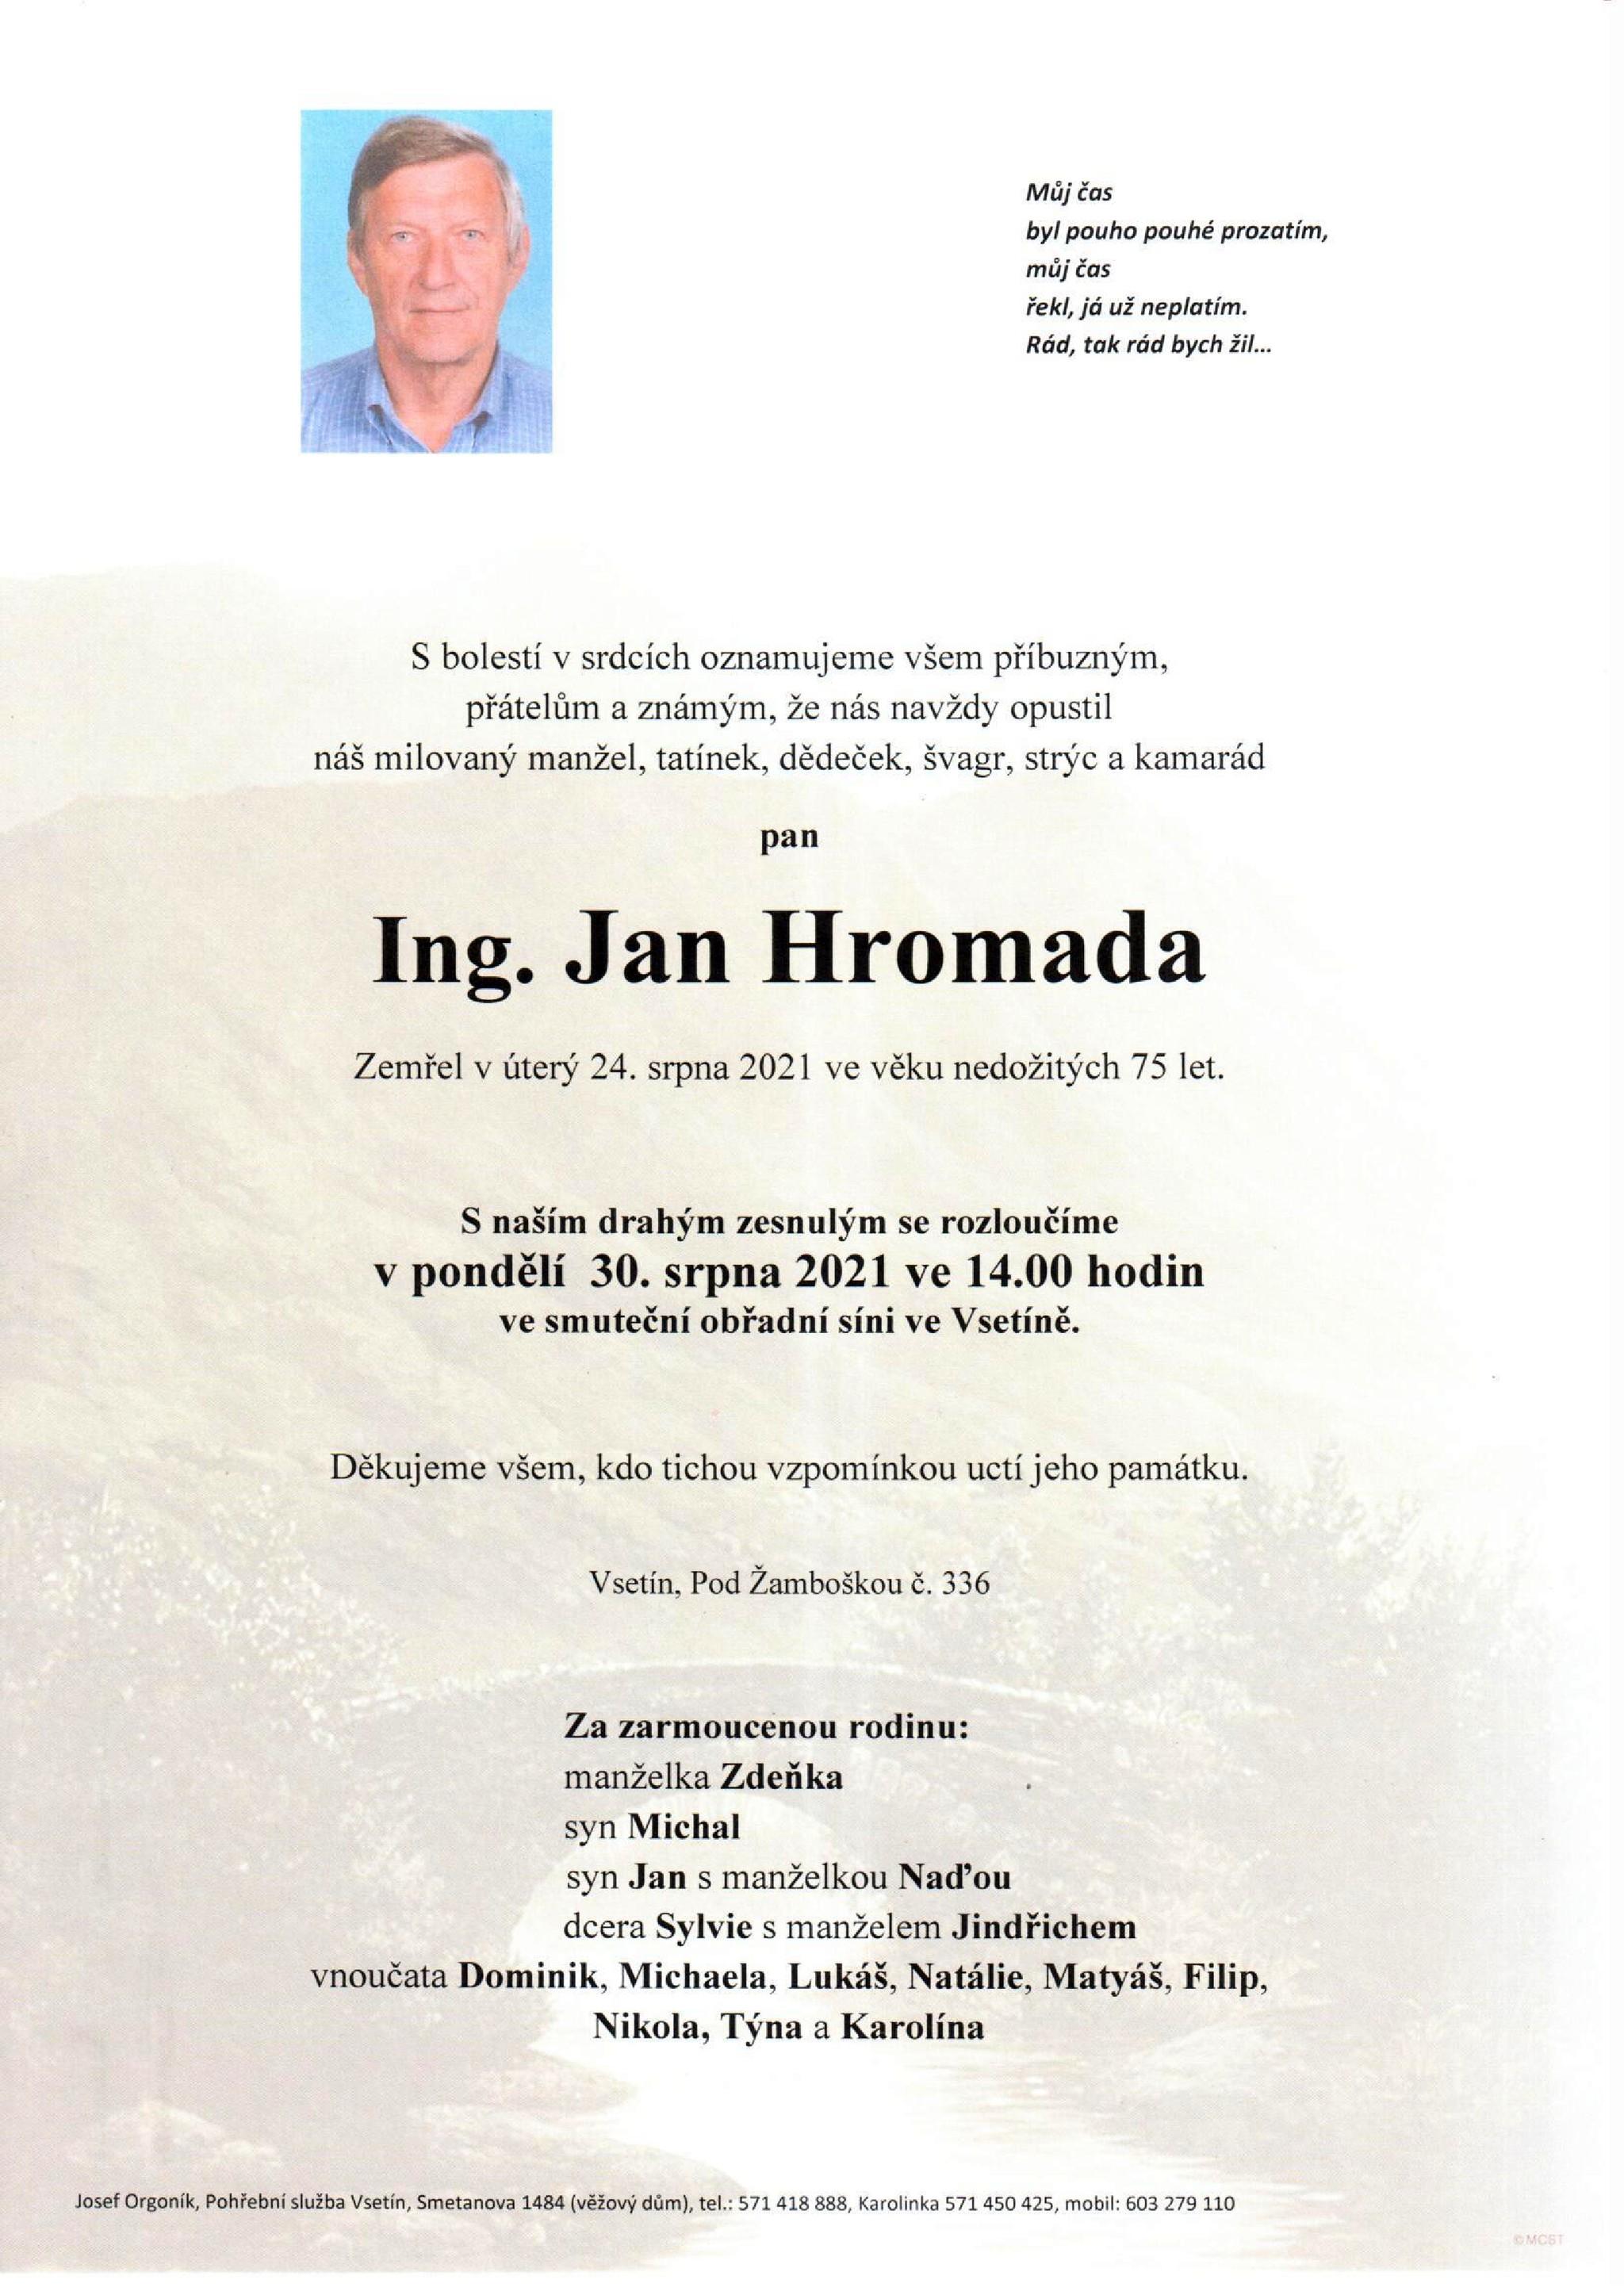 Ing. Jan Hromada